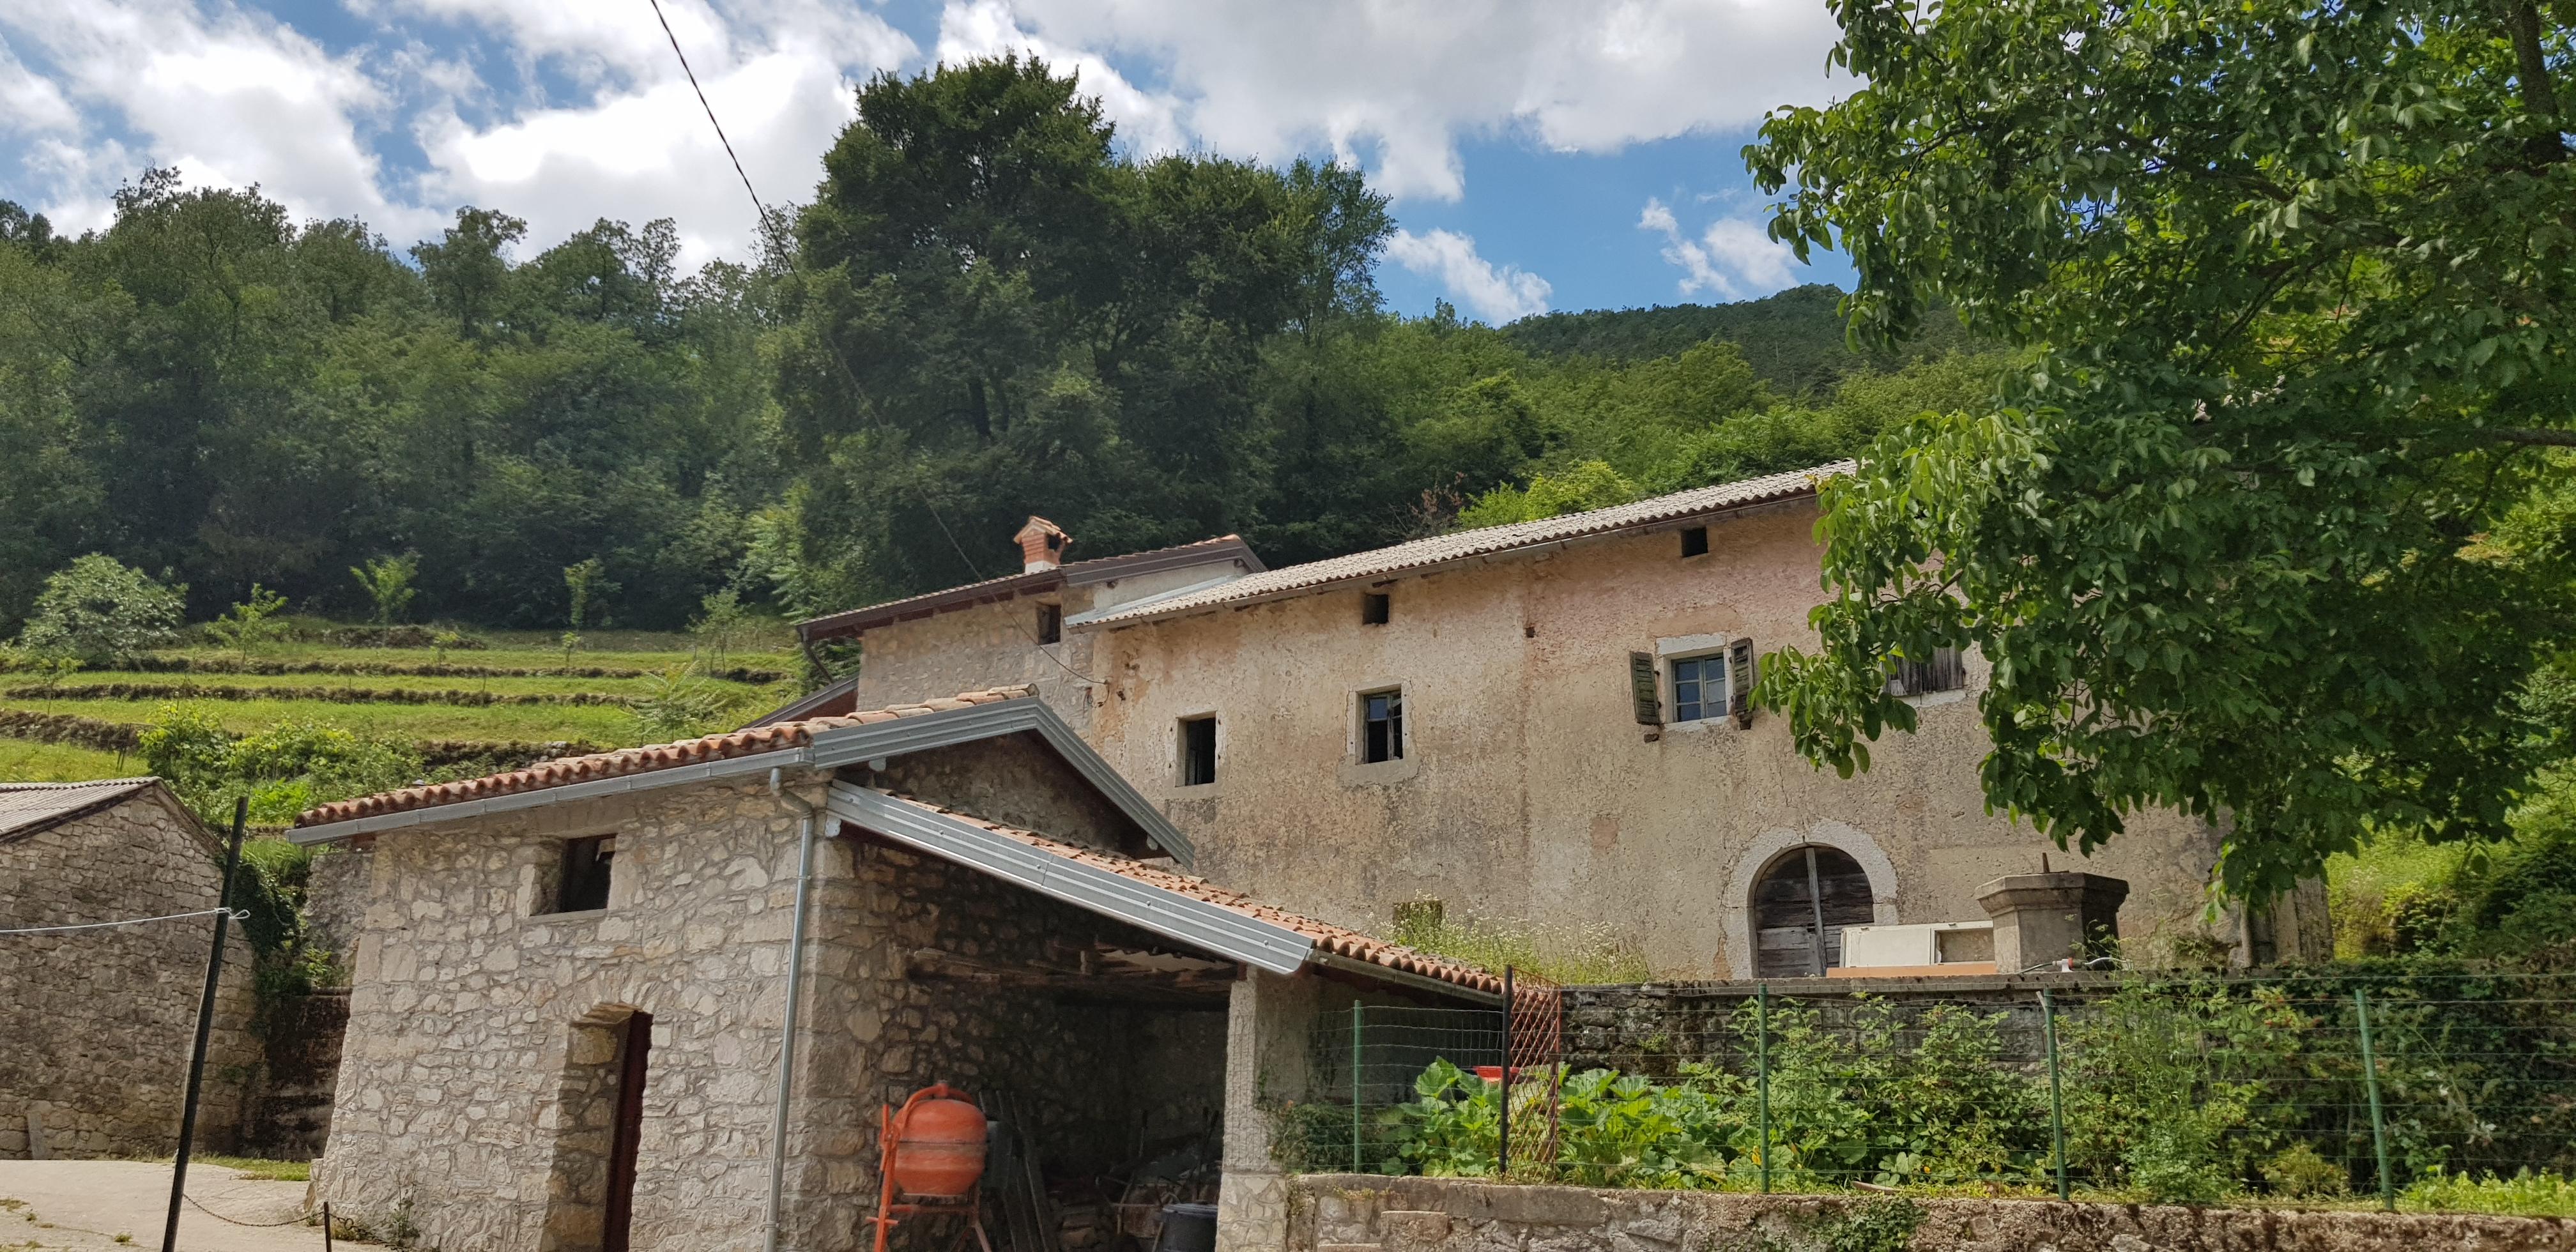 Stara kamena kuća u Lovranskoj Dragi/Old stone house in Lovranska Draga